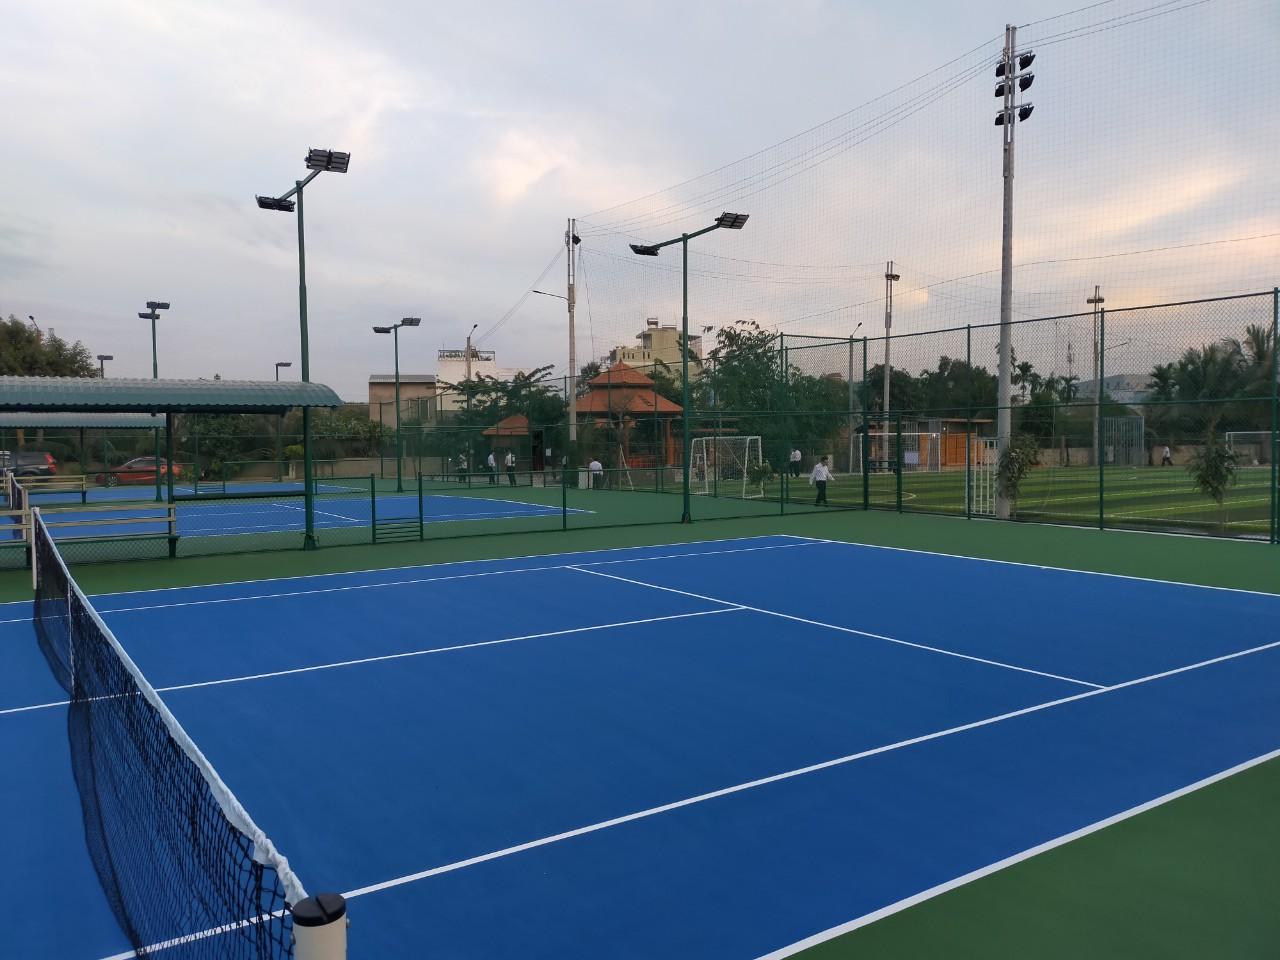 Khu thể thao Cây Lộc Vừng 526 Phạm Văn Đồng, TP Thủ Đức , TPHCM – Tháng 12/2020